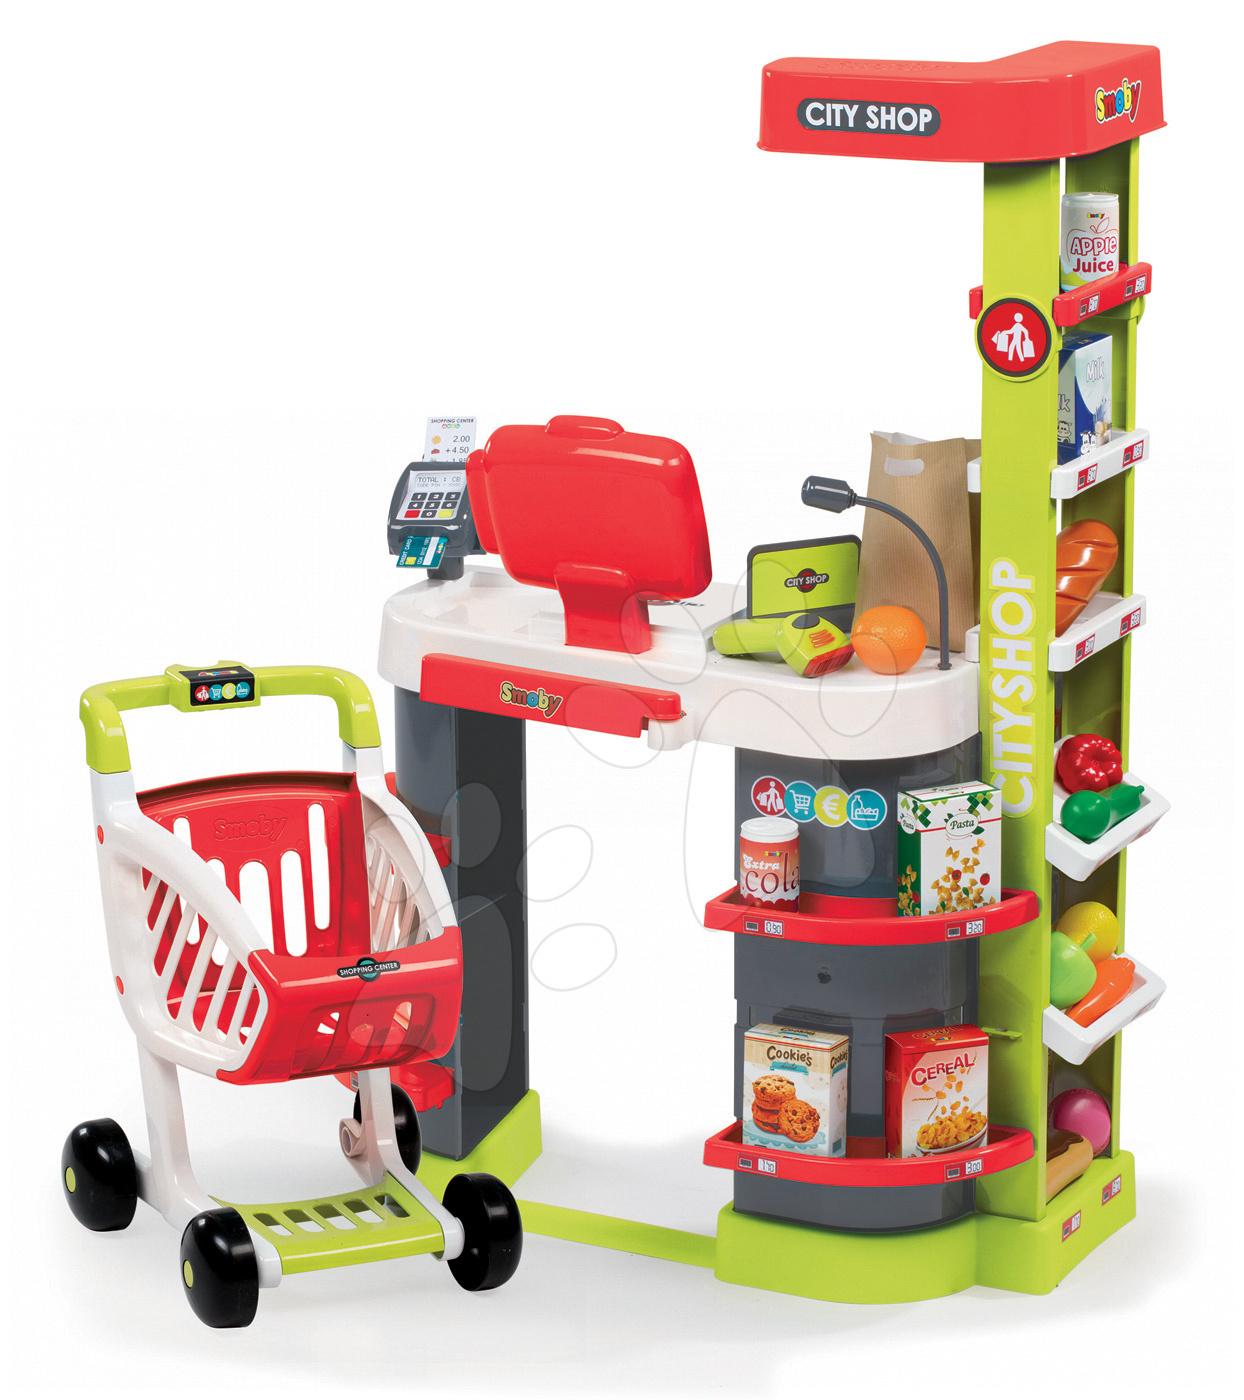 Obchod City Shop Smoby elektronický s pokladňou, potravinami a 41 doplnkami červený